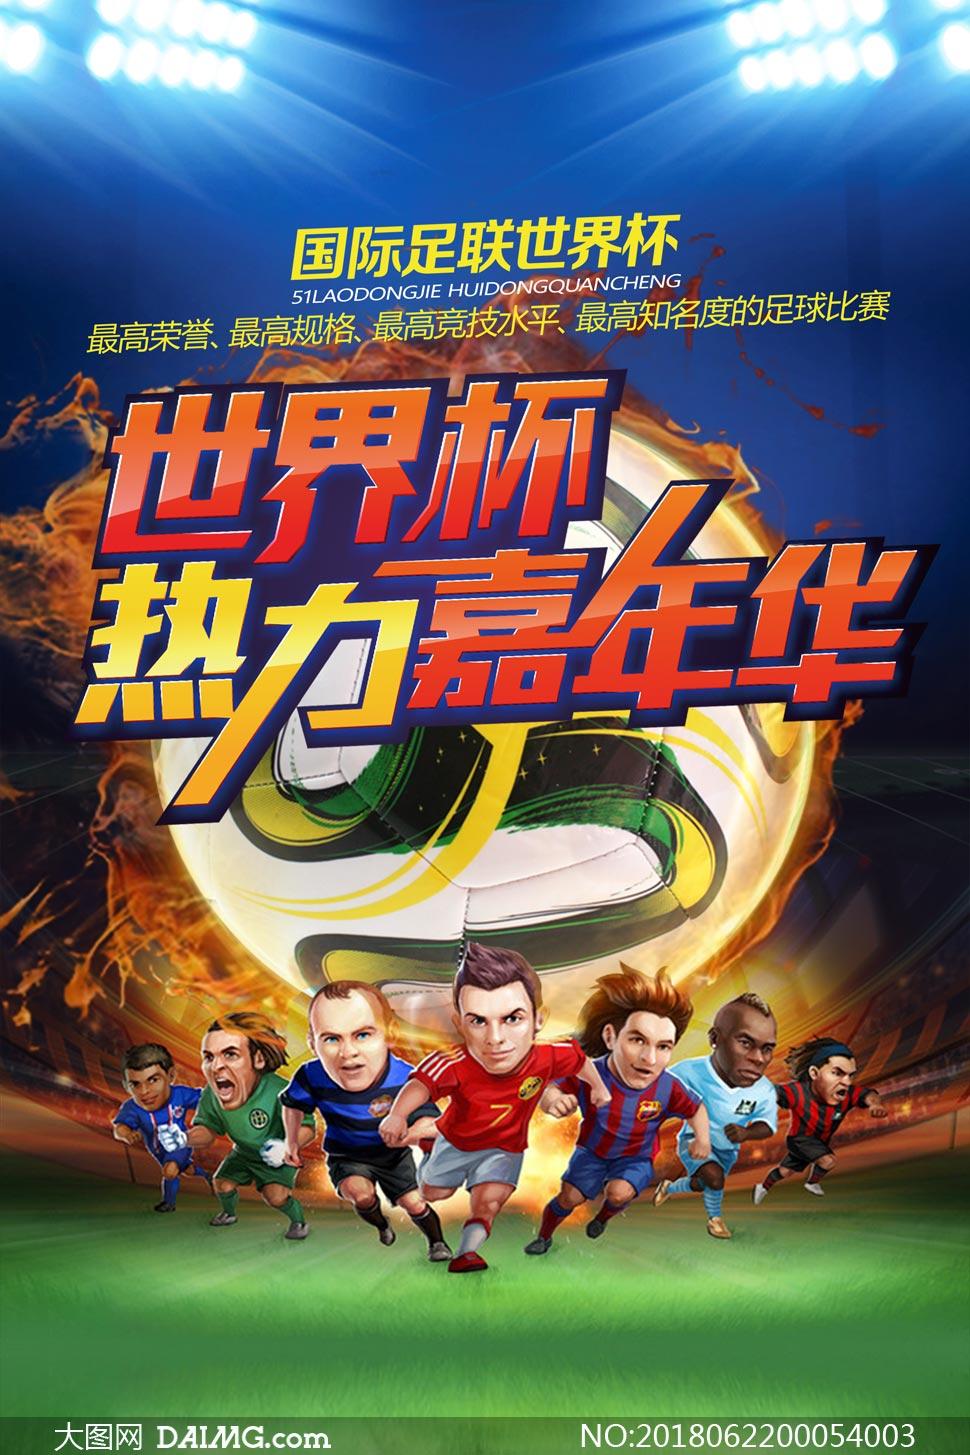 2018世界杯嘉年华海报设计psd素材